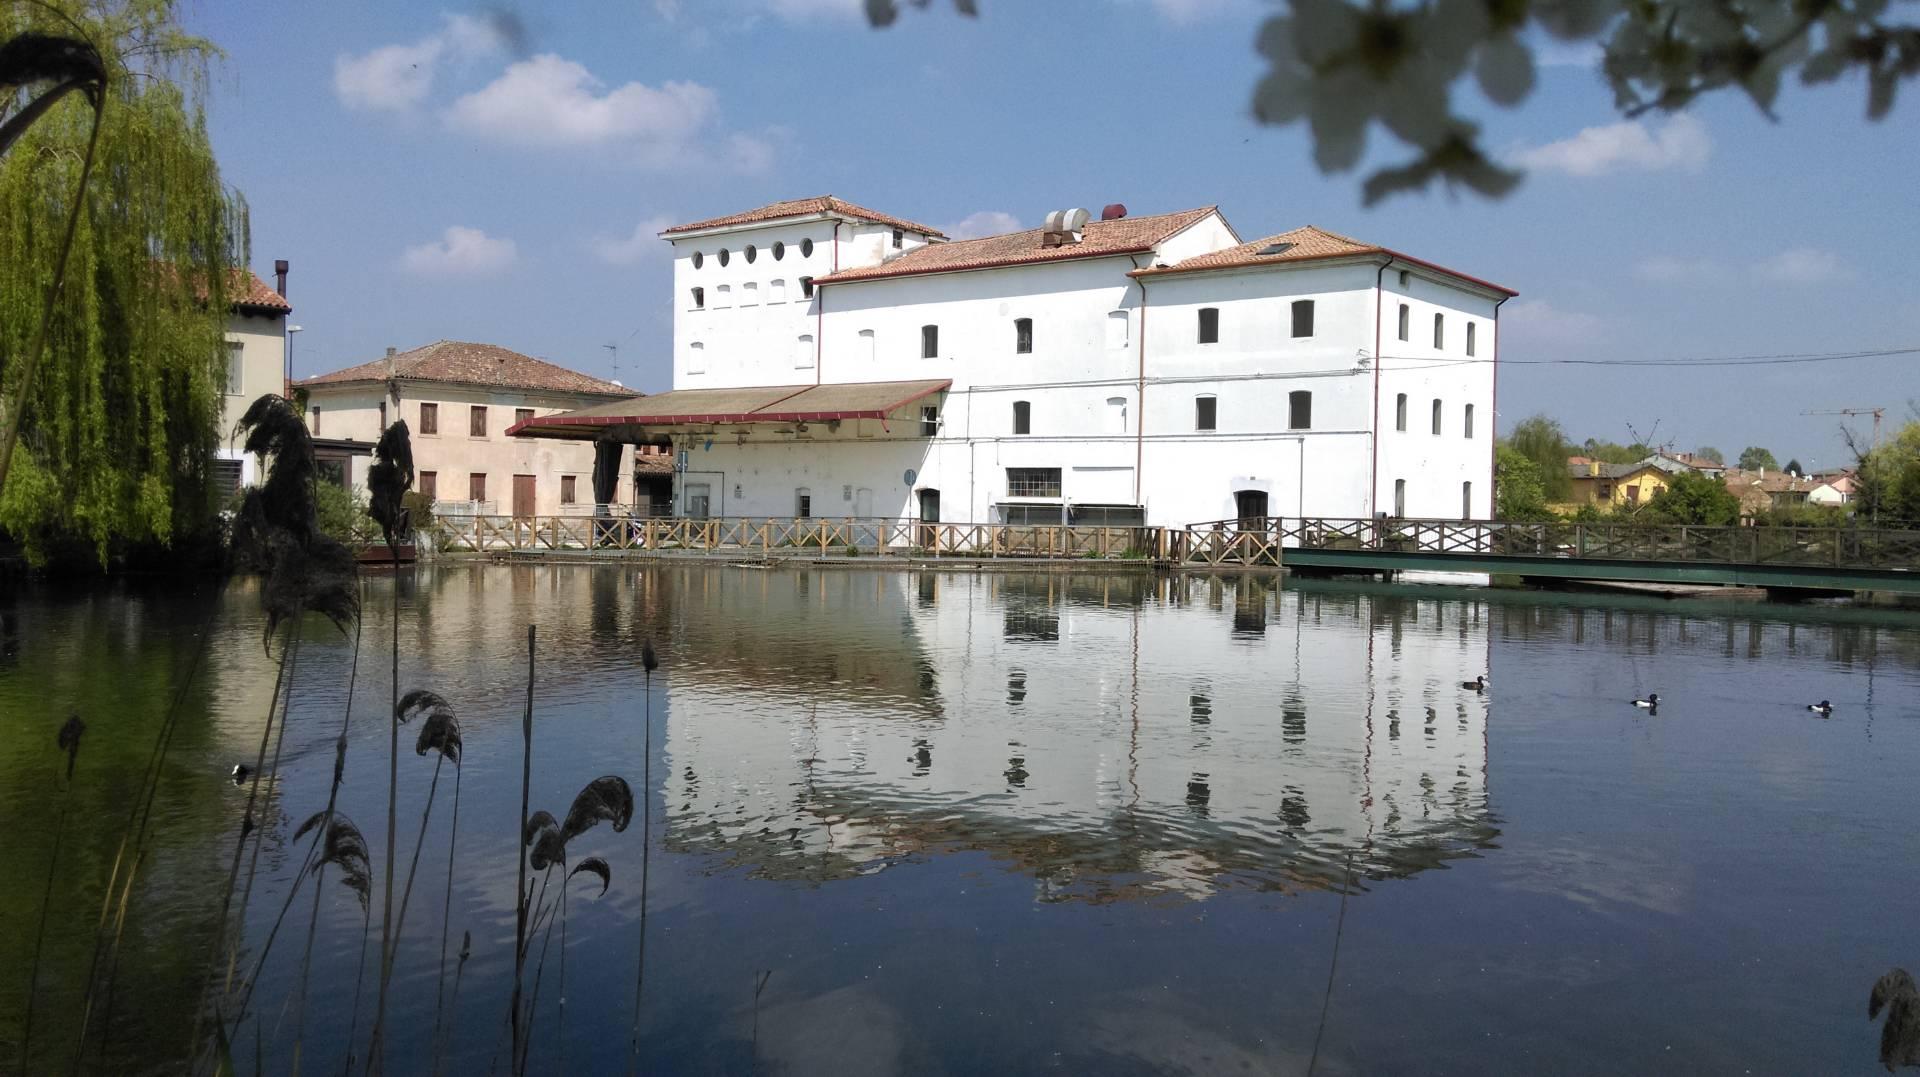 Rustico/Casale in Vendita a Quinto di Treviso - Cod. I/AD052